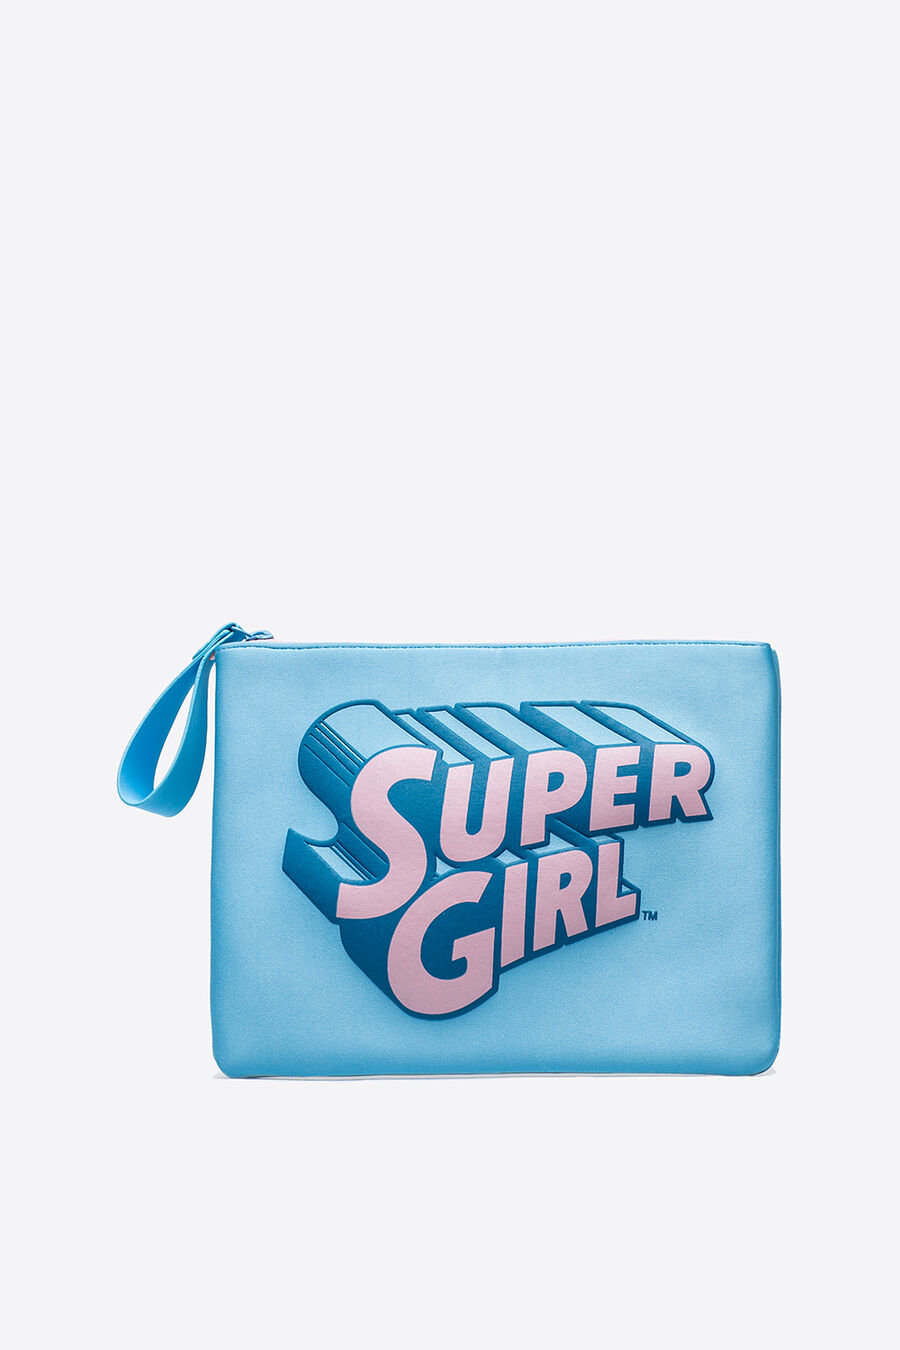 Supergirl' clutch